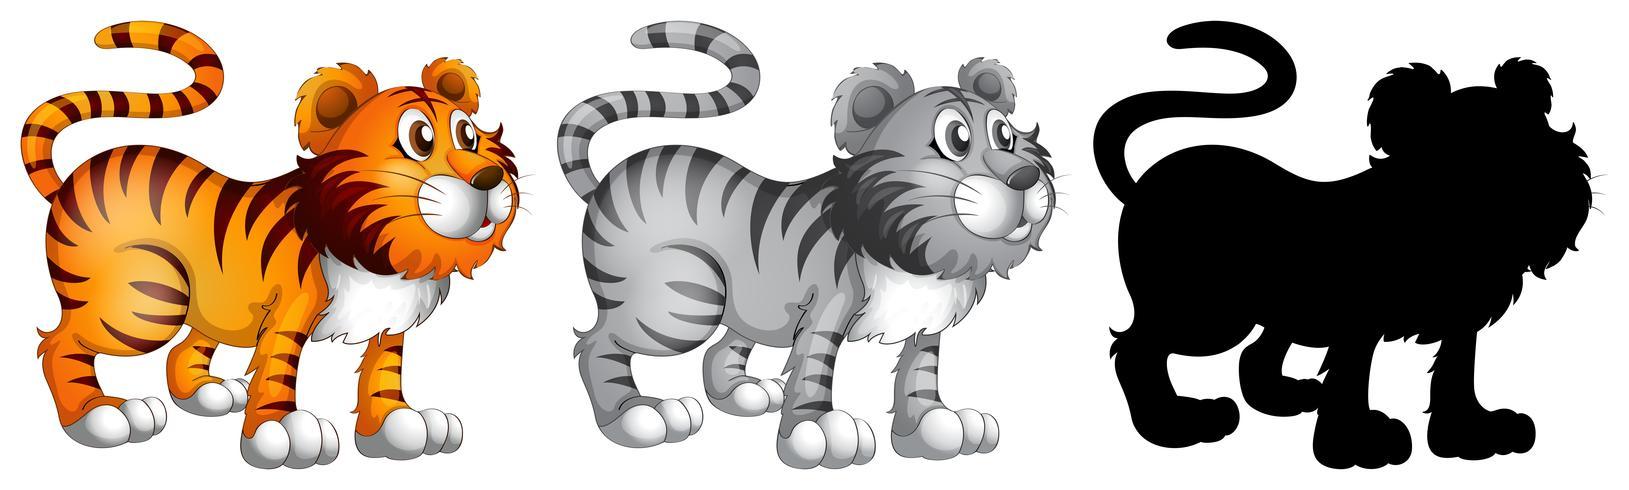 Ensemble de personnage de tigre vecteur